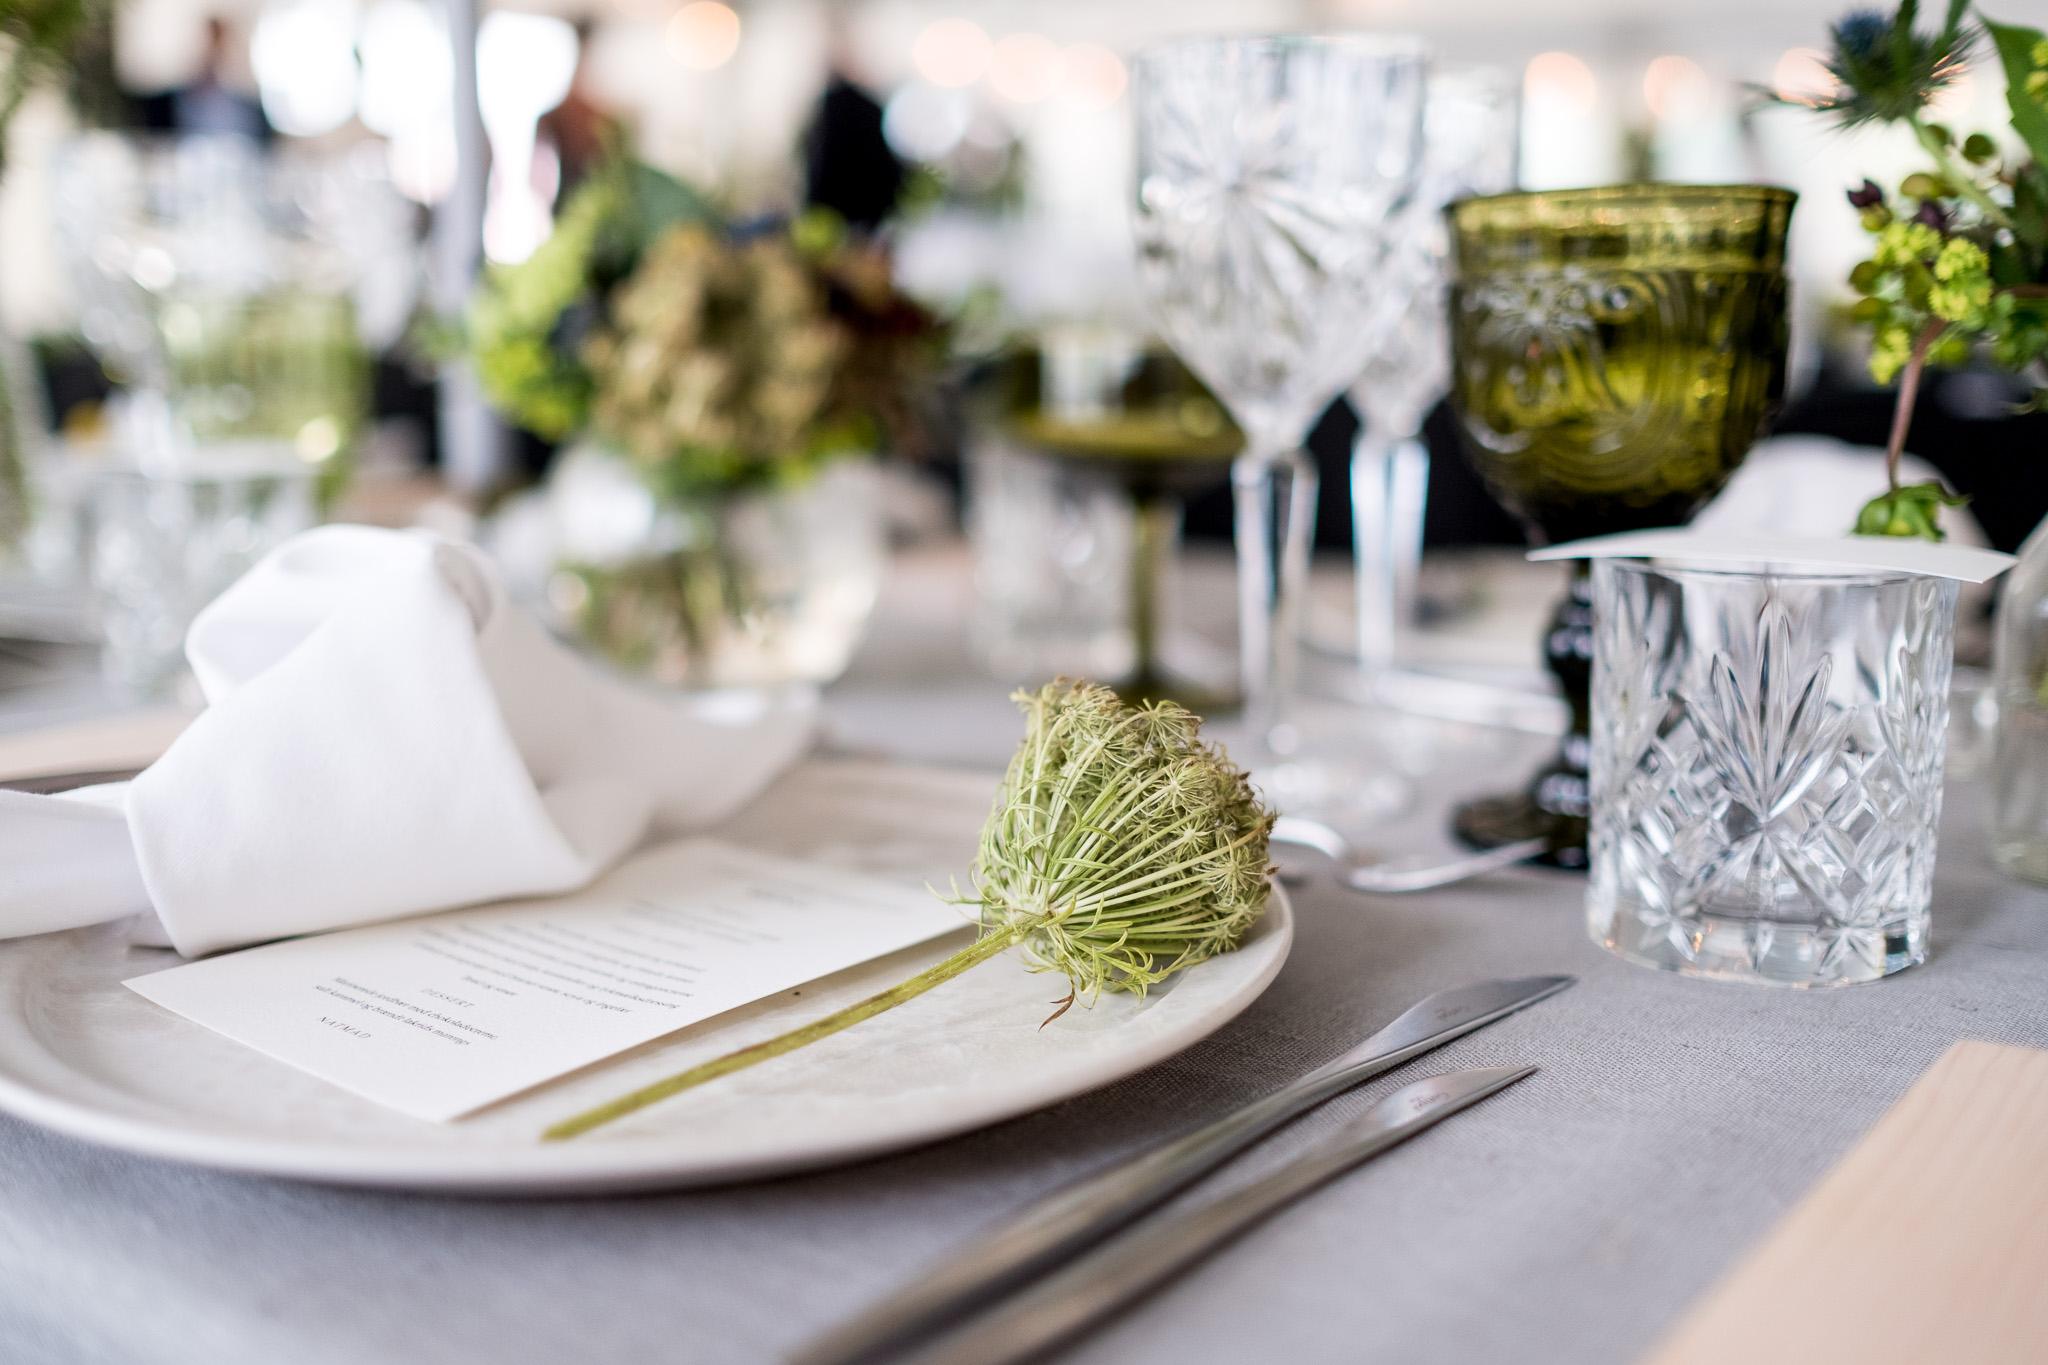 A table story_serviceudlejning københavn_40 års fødselsdag_leje af service_Khwurtz